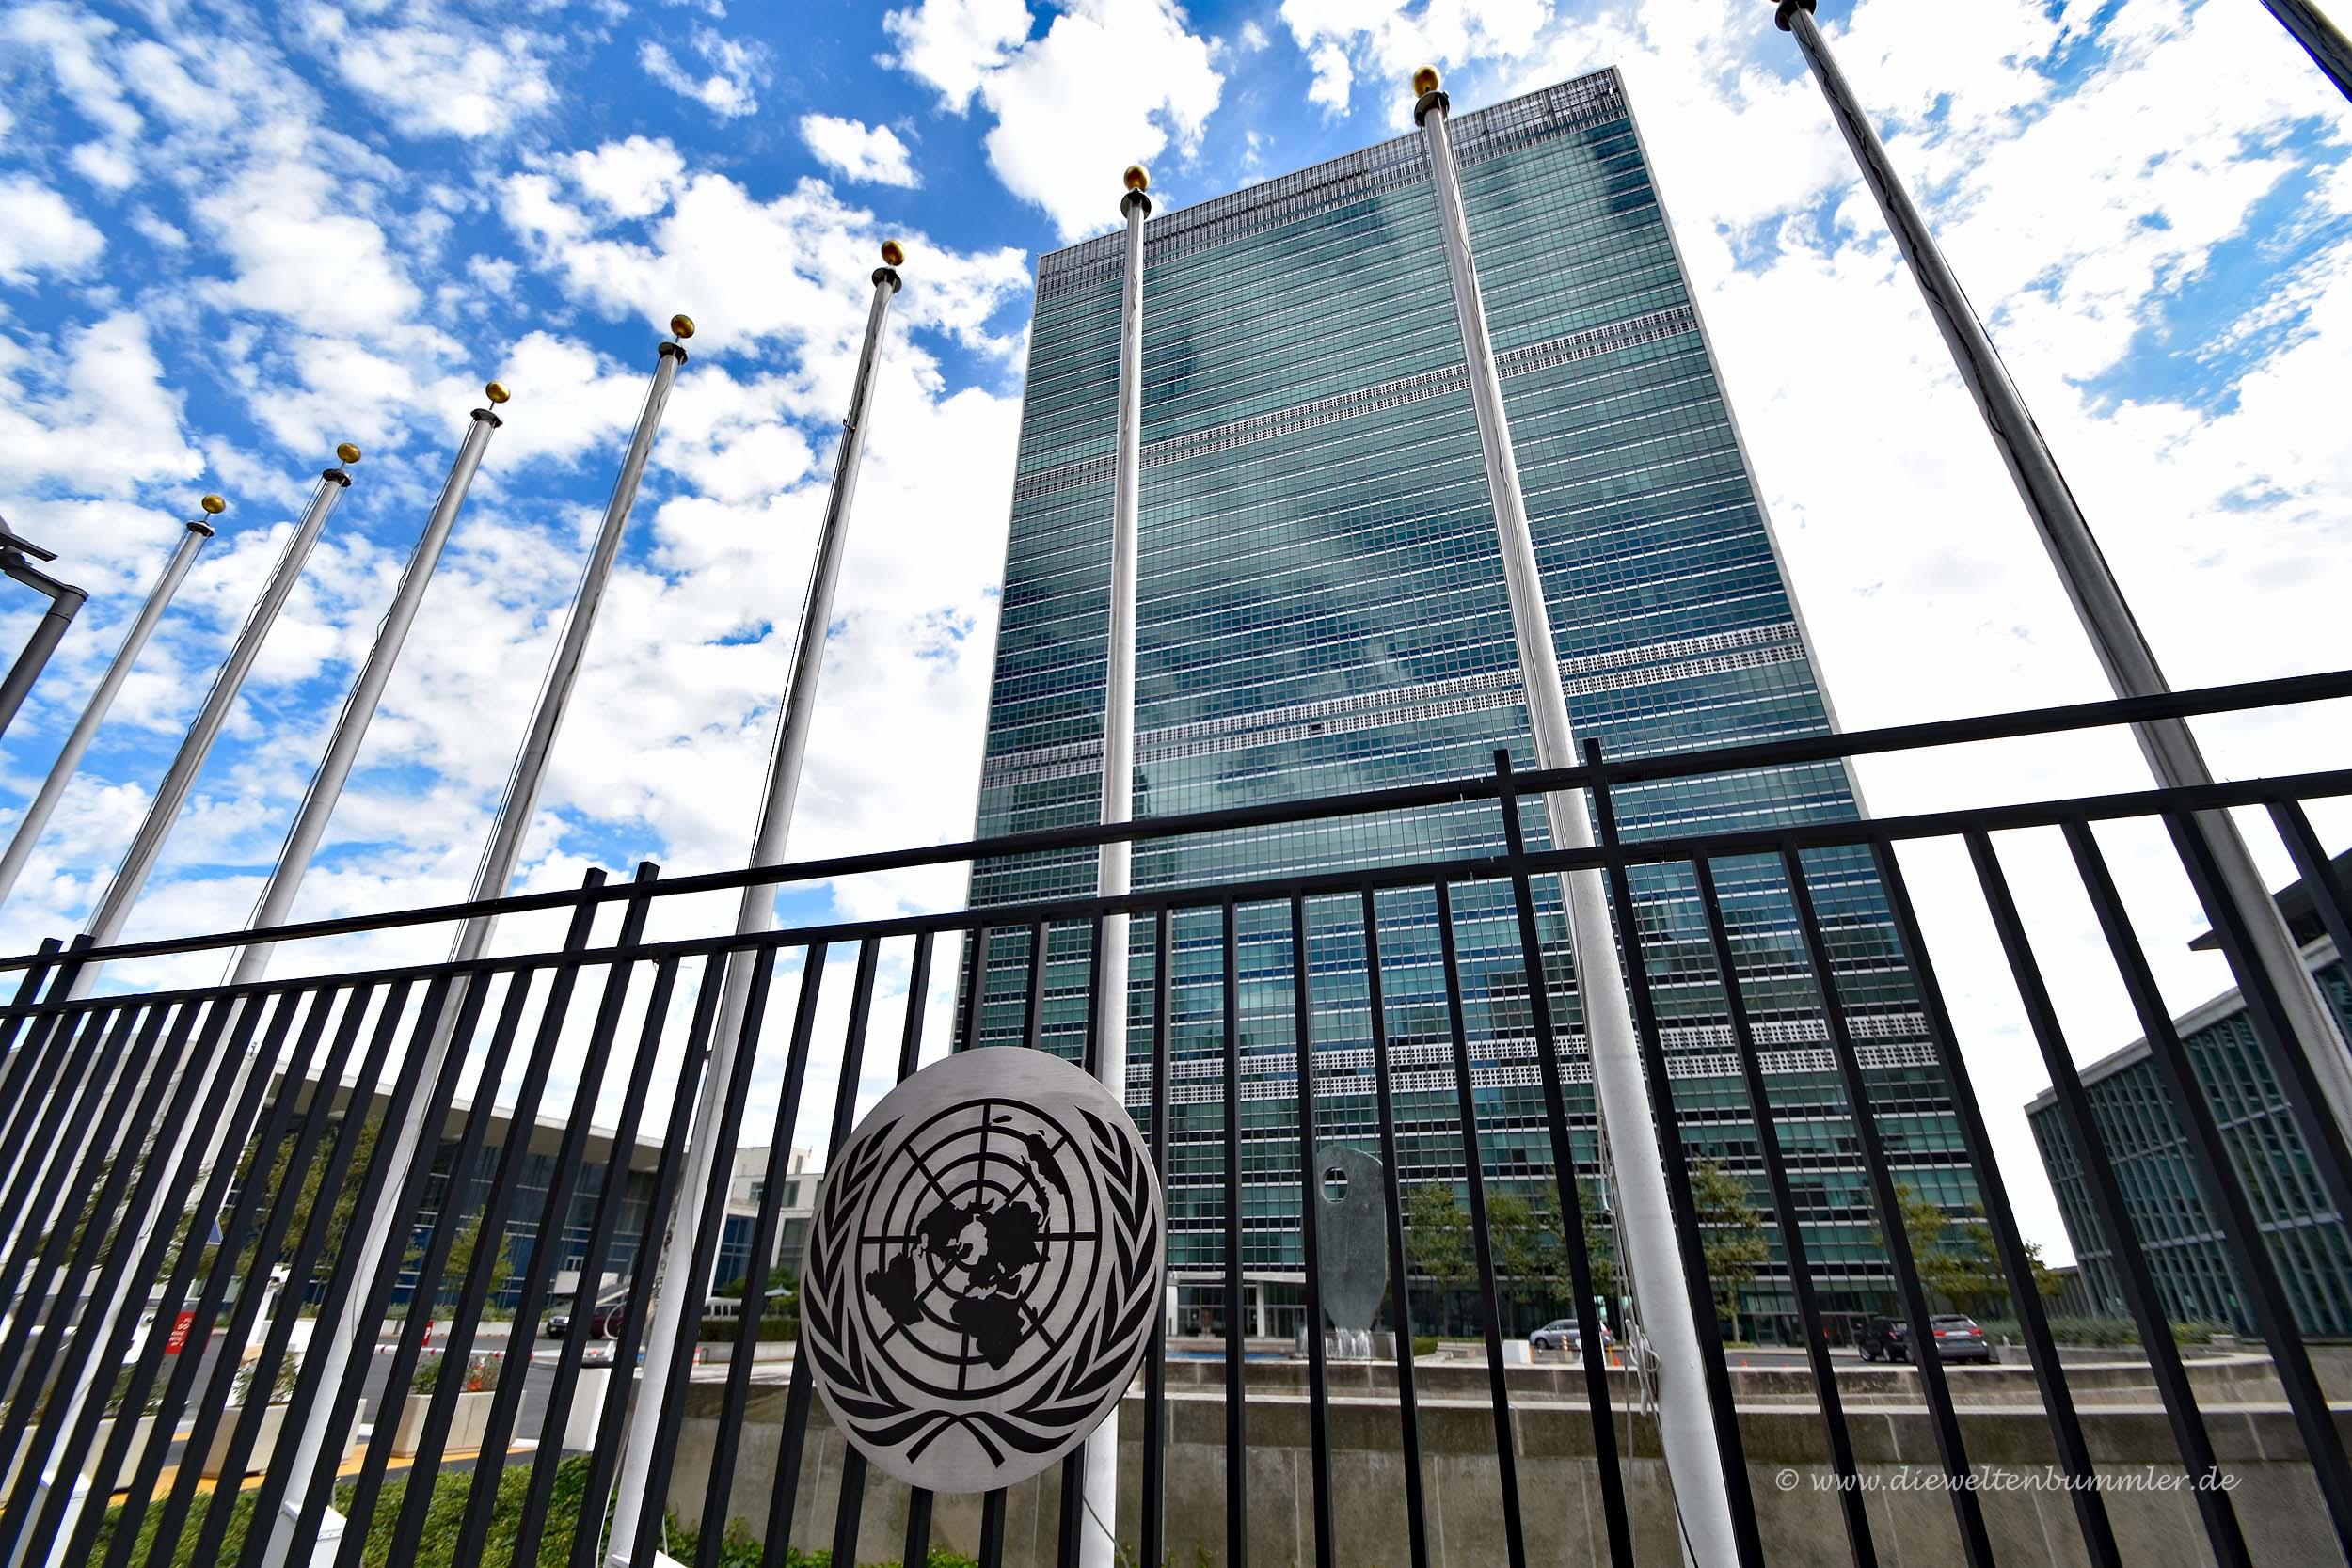 UNO-Hauptquartier